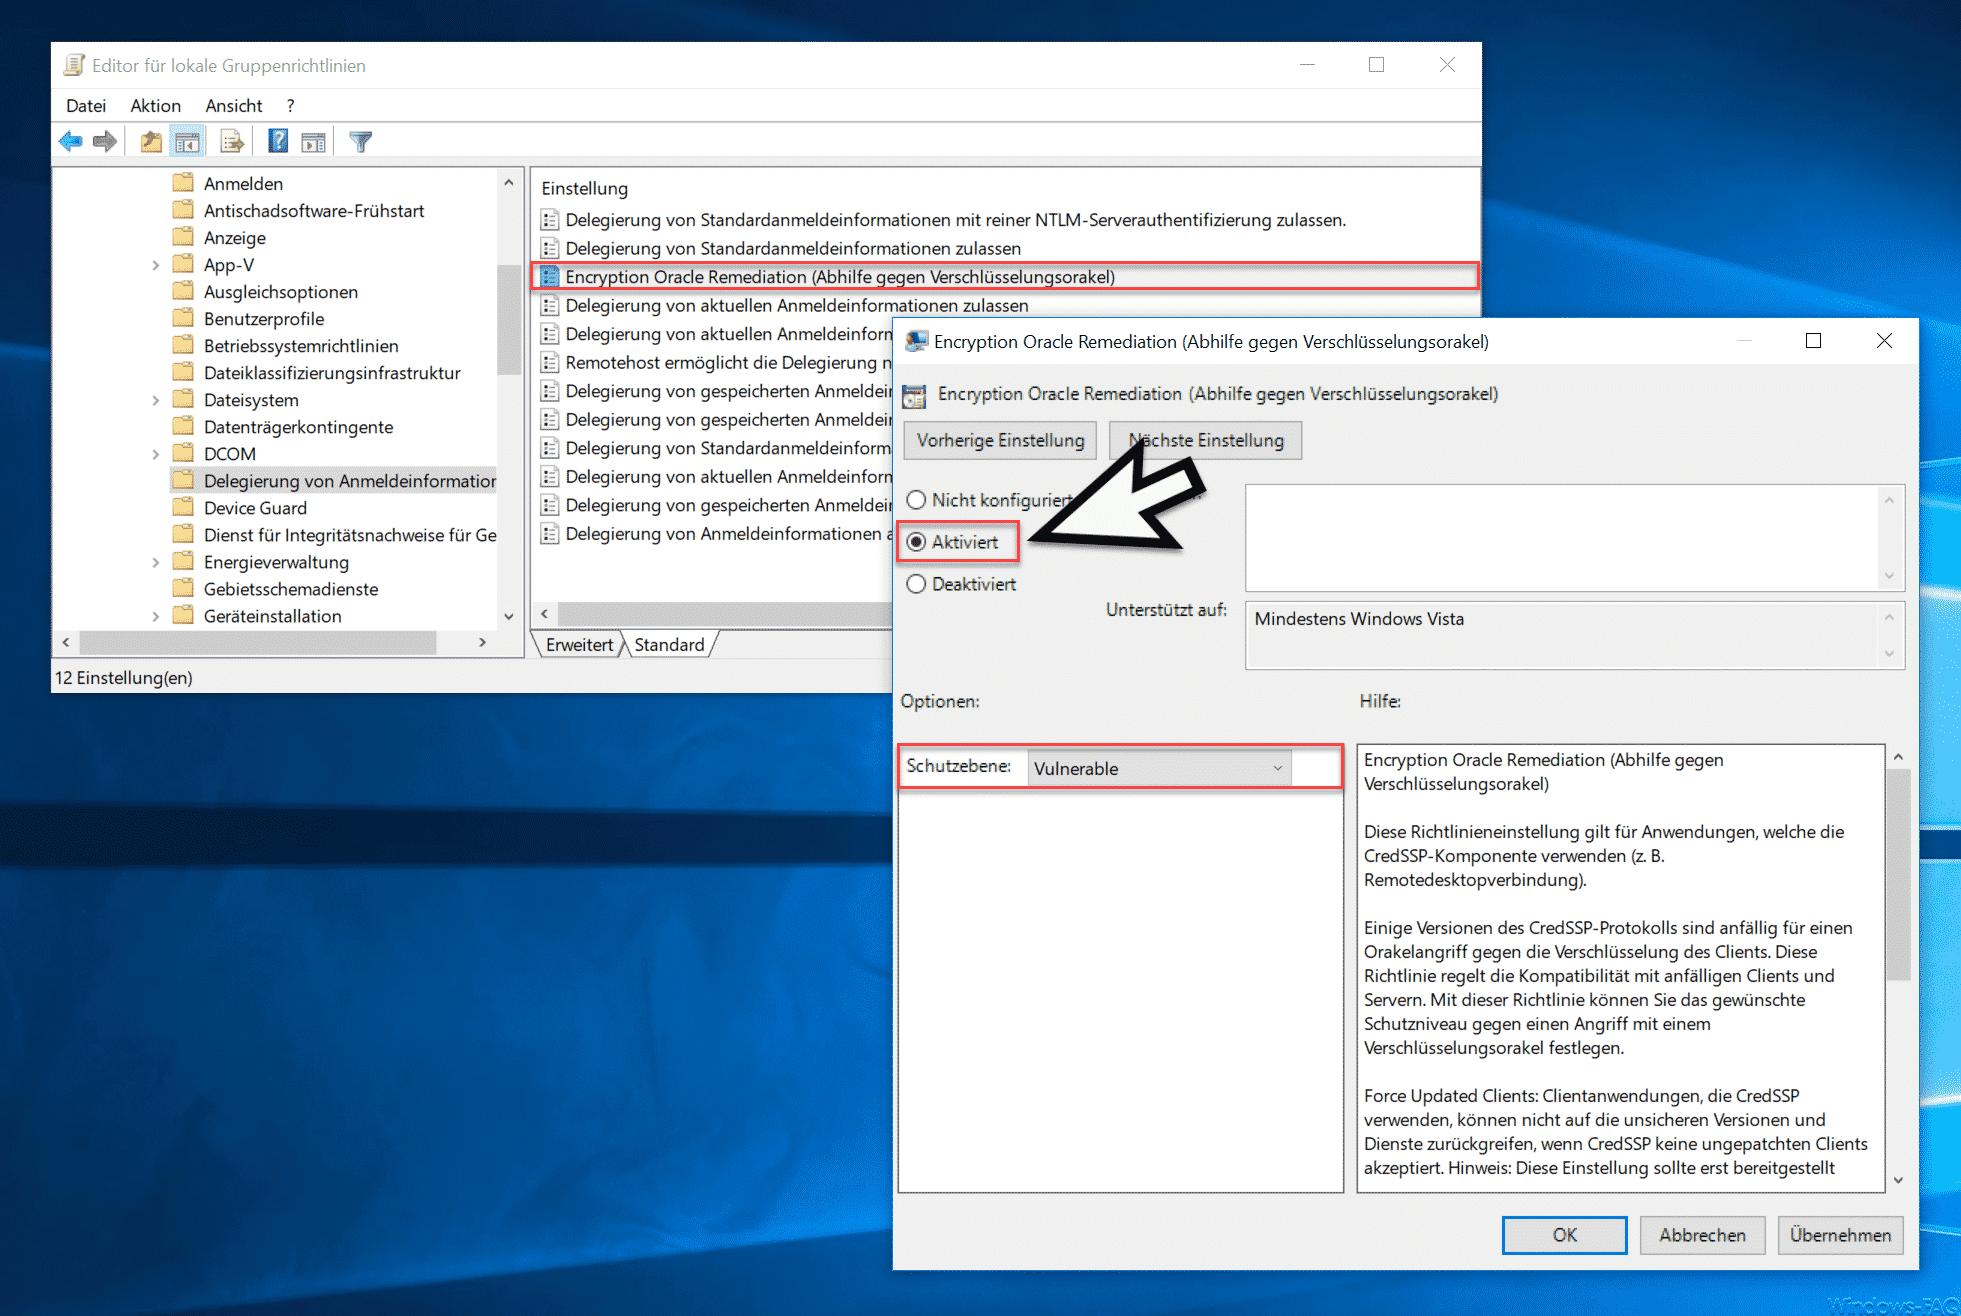 Encryption Oracle Remediation (Abhilfe gegen Verschlüsselungsorakel)